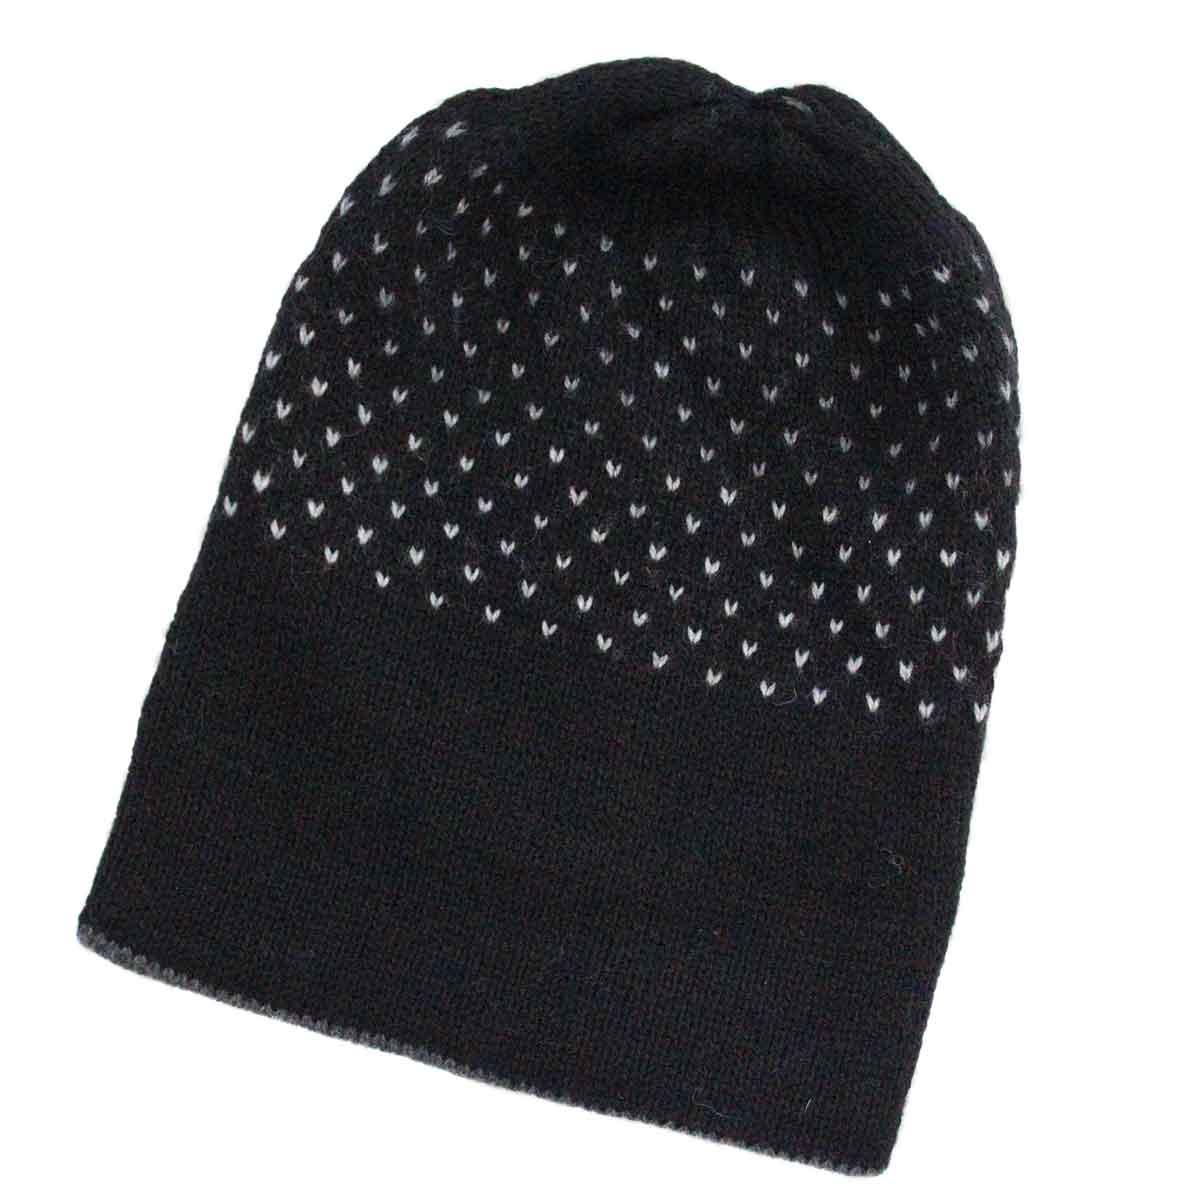 Inka-Products-Bonnet Réversible Alpaga-Noir Points Blancs-2